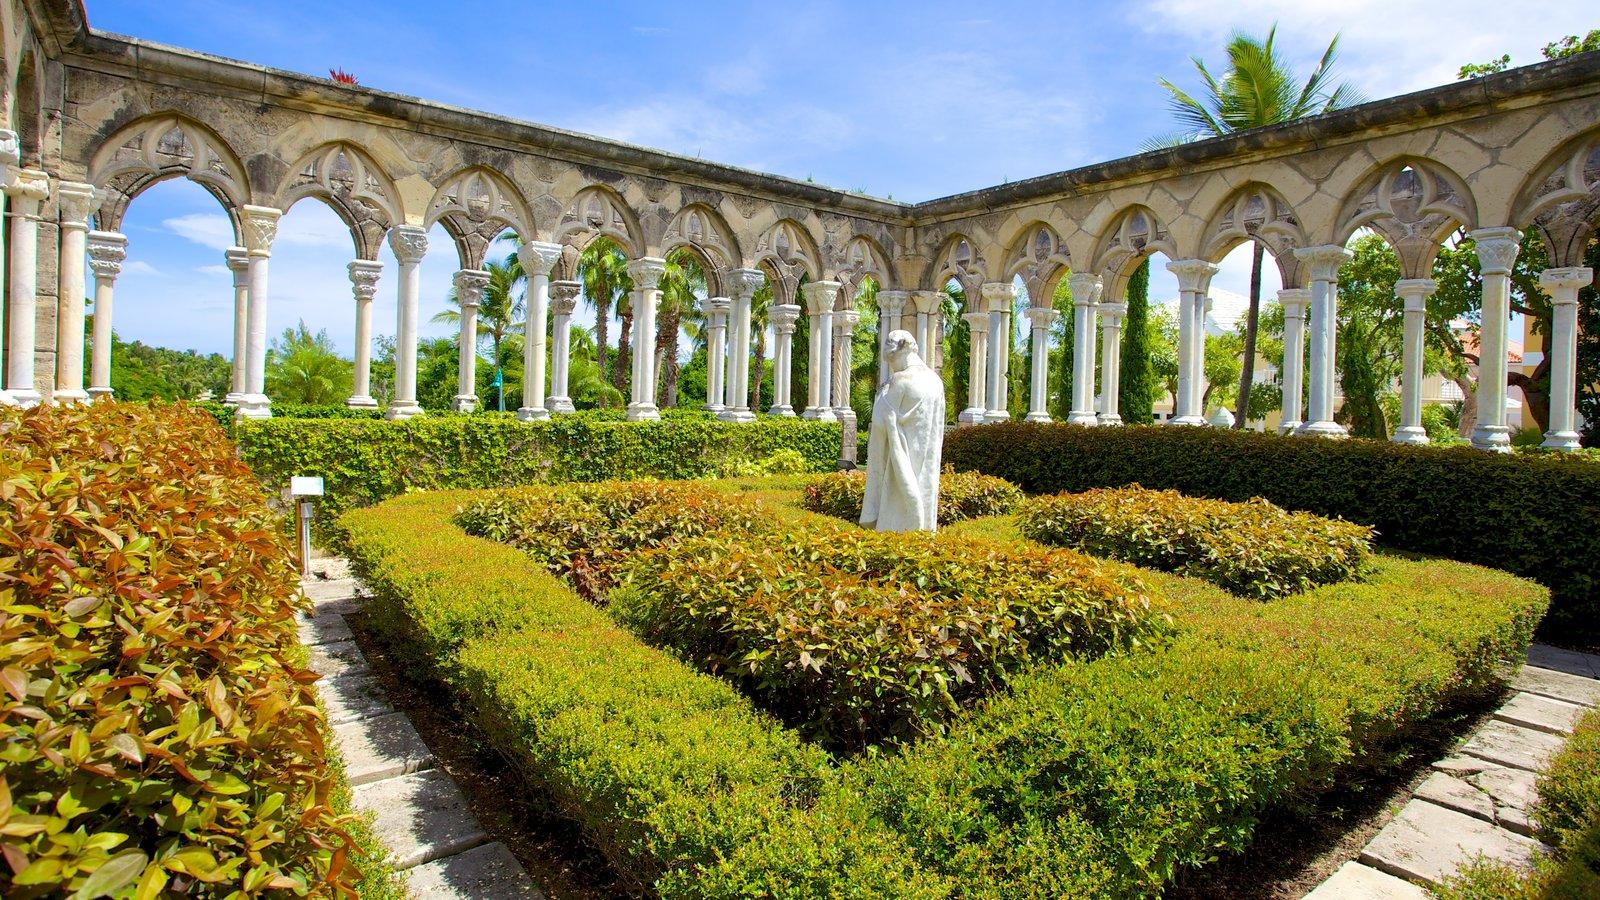 Fotos De Isla Y Arrecifes Ver Imagenes De Jardines De Versalles